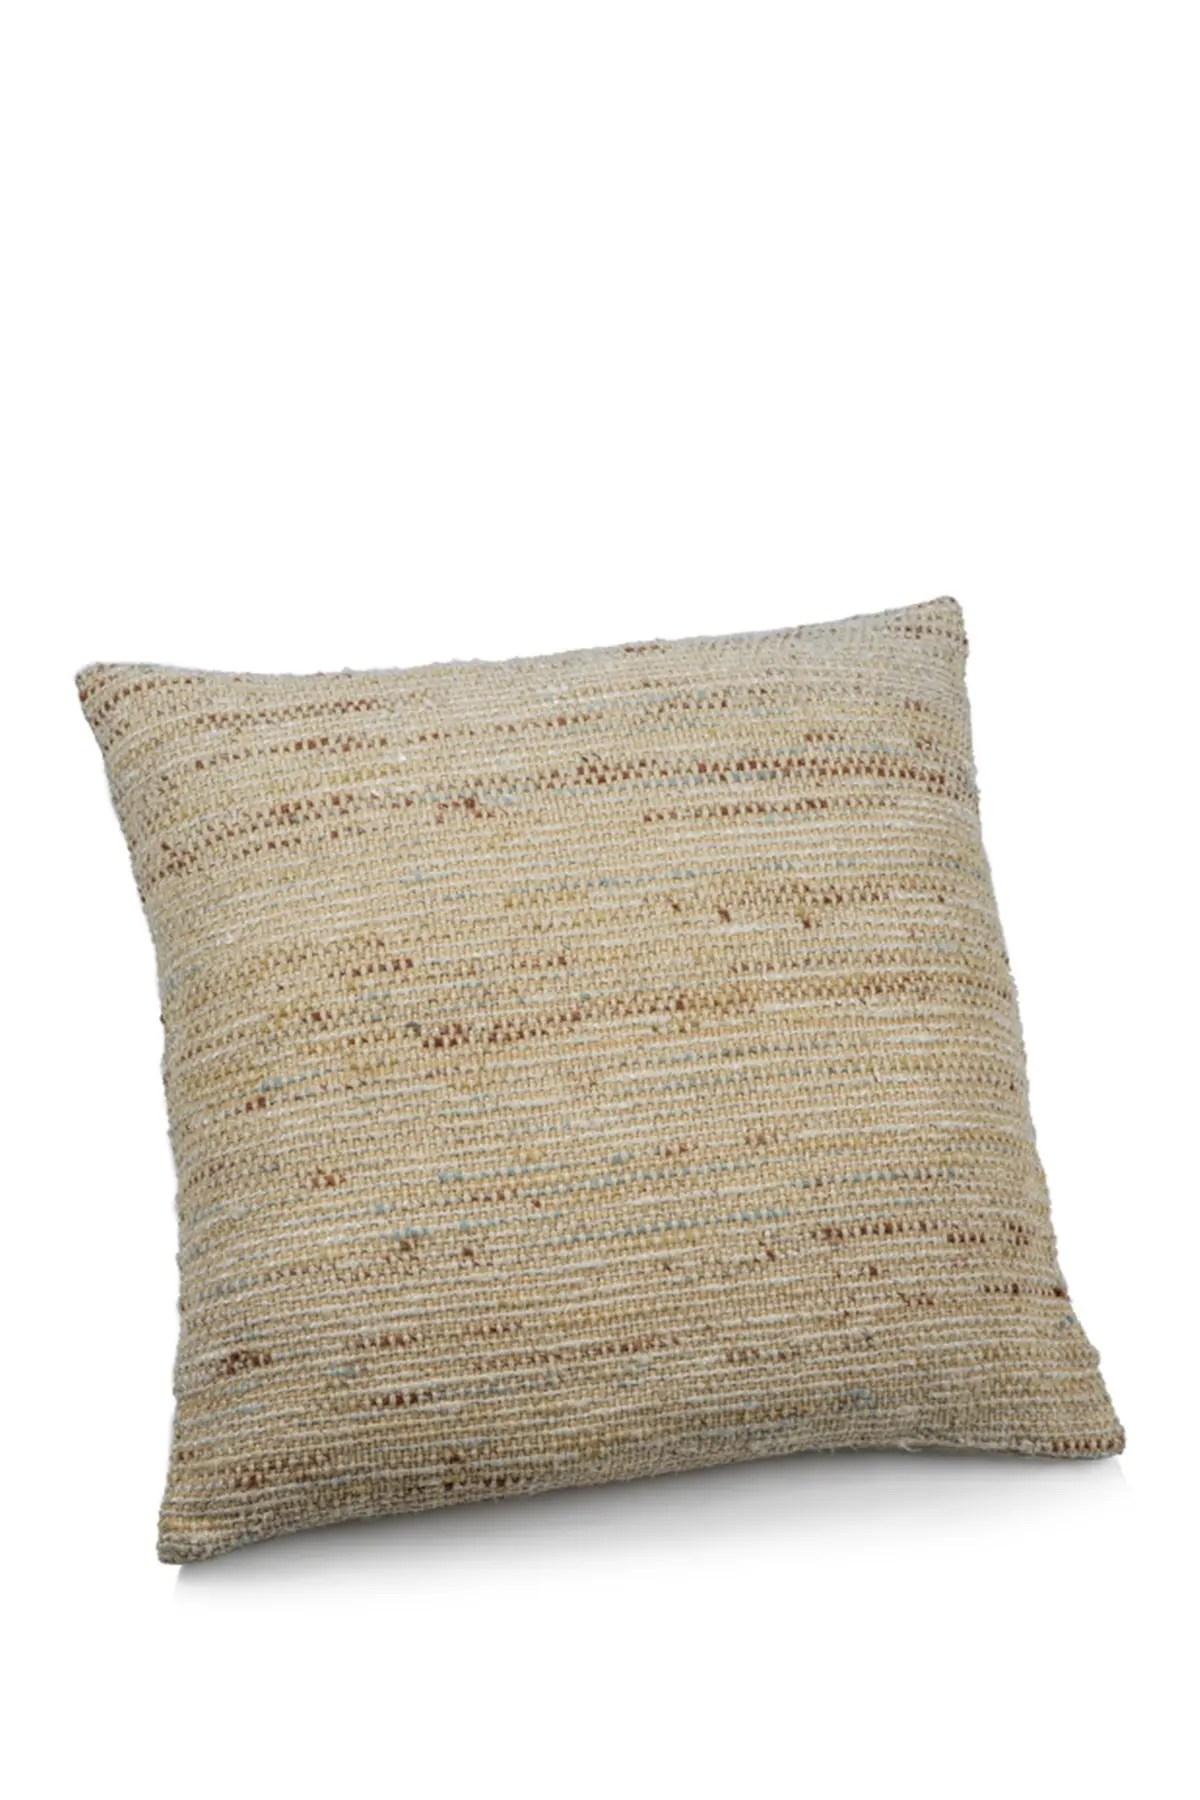 zodax canaria cotton woven throw pillow 24x24 nordstrom rack